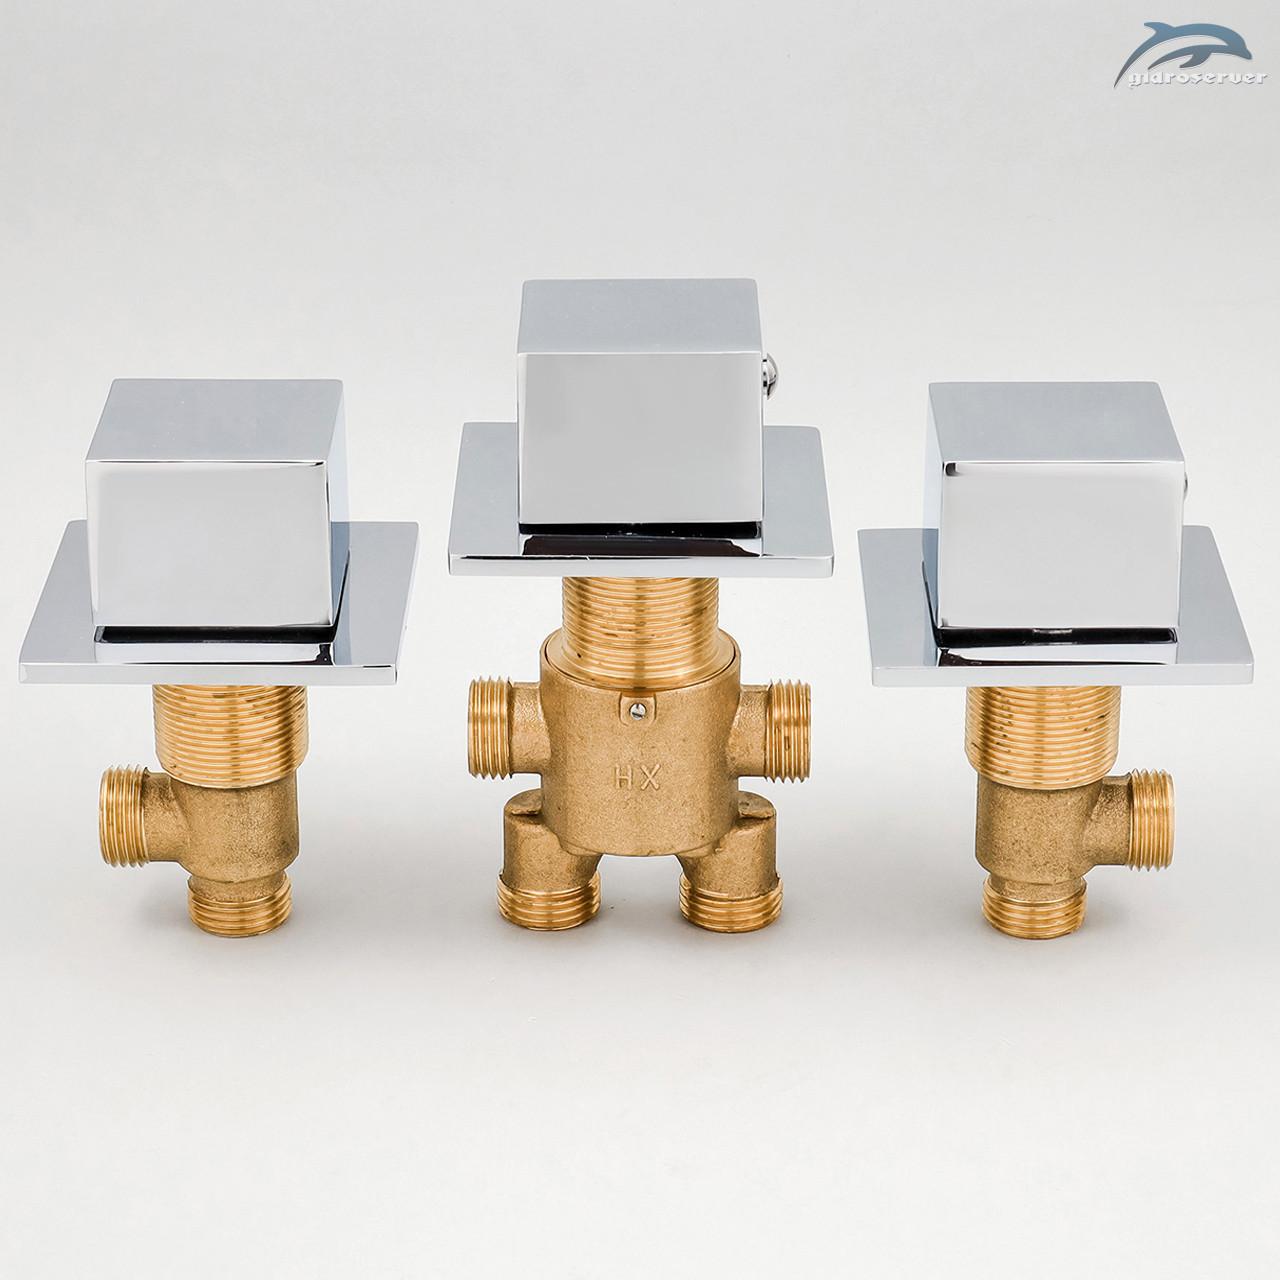 Комплект кранов и переключателя на 2 положения для гидромассажной ванны, джакузи J-7000KV.